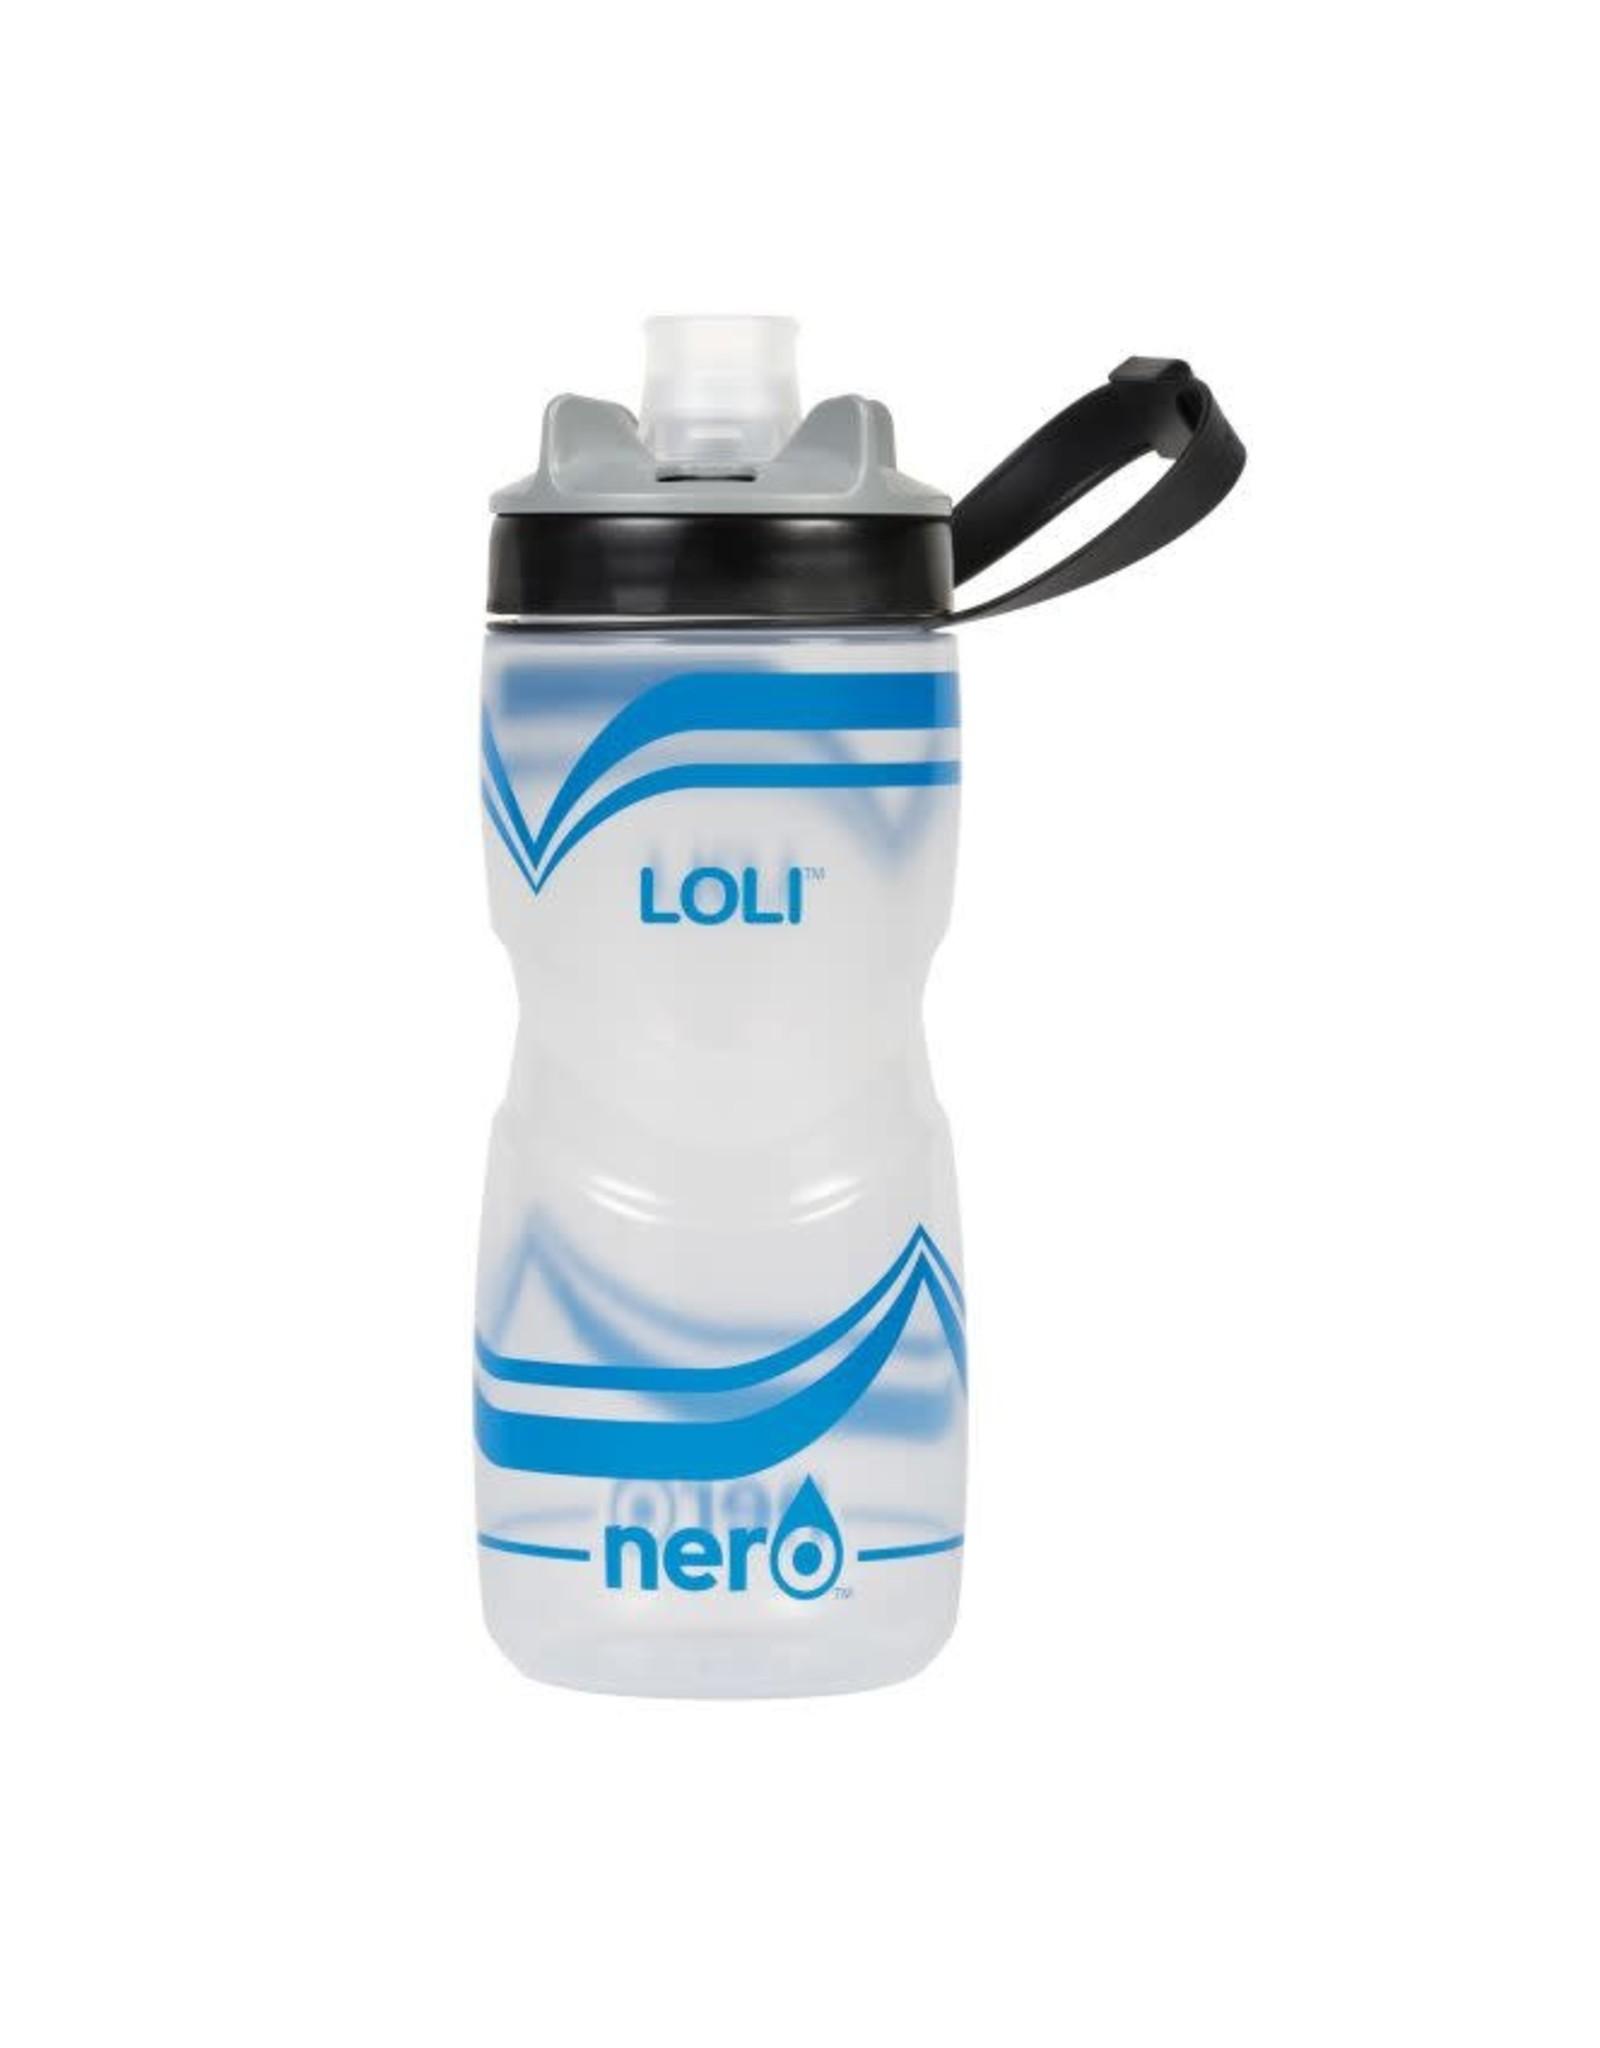 Nero Bottle Nero Loli transp.